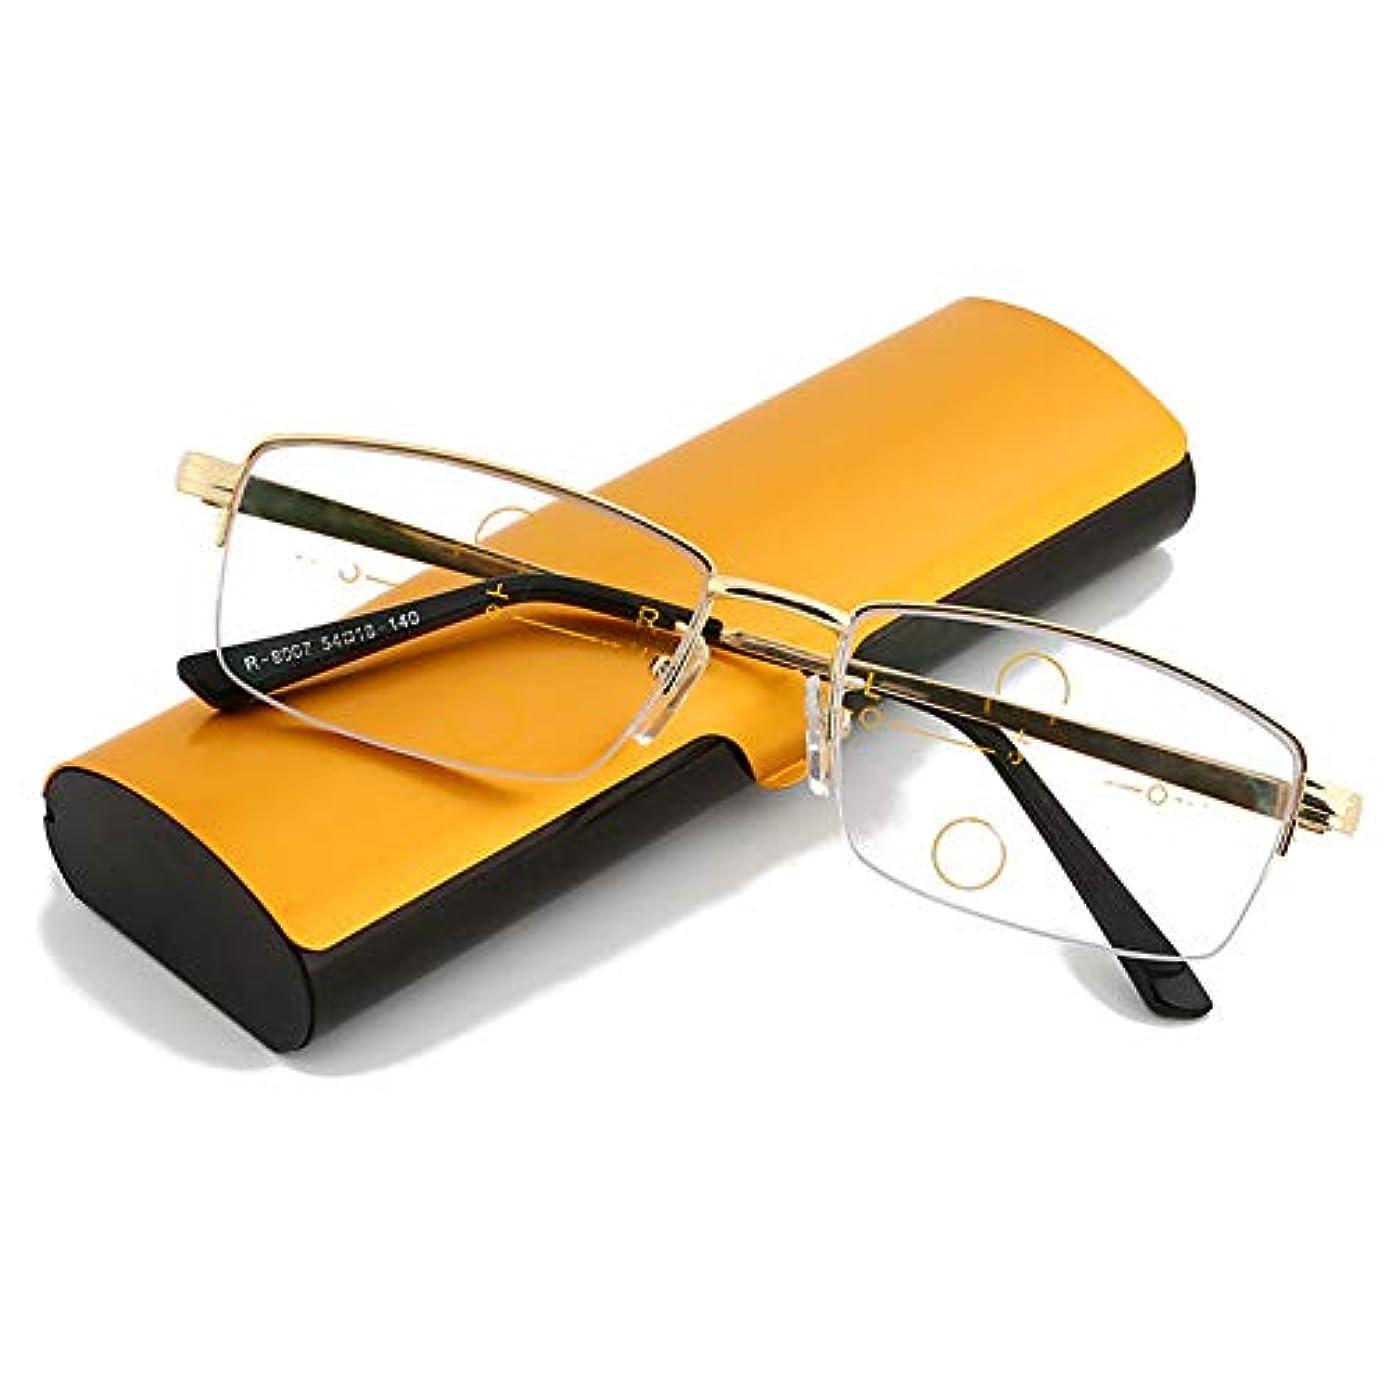 インテリジェント高齢者メガネ、メタルフレームメンズとレディースプログレッシブマルチフォーカス老眼鏡、HD樹脂レンズ老眼鏡